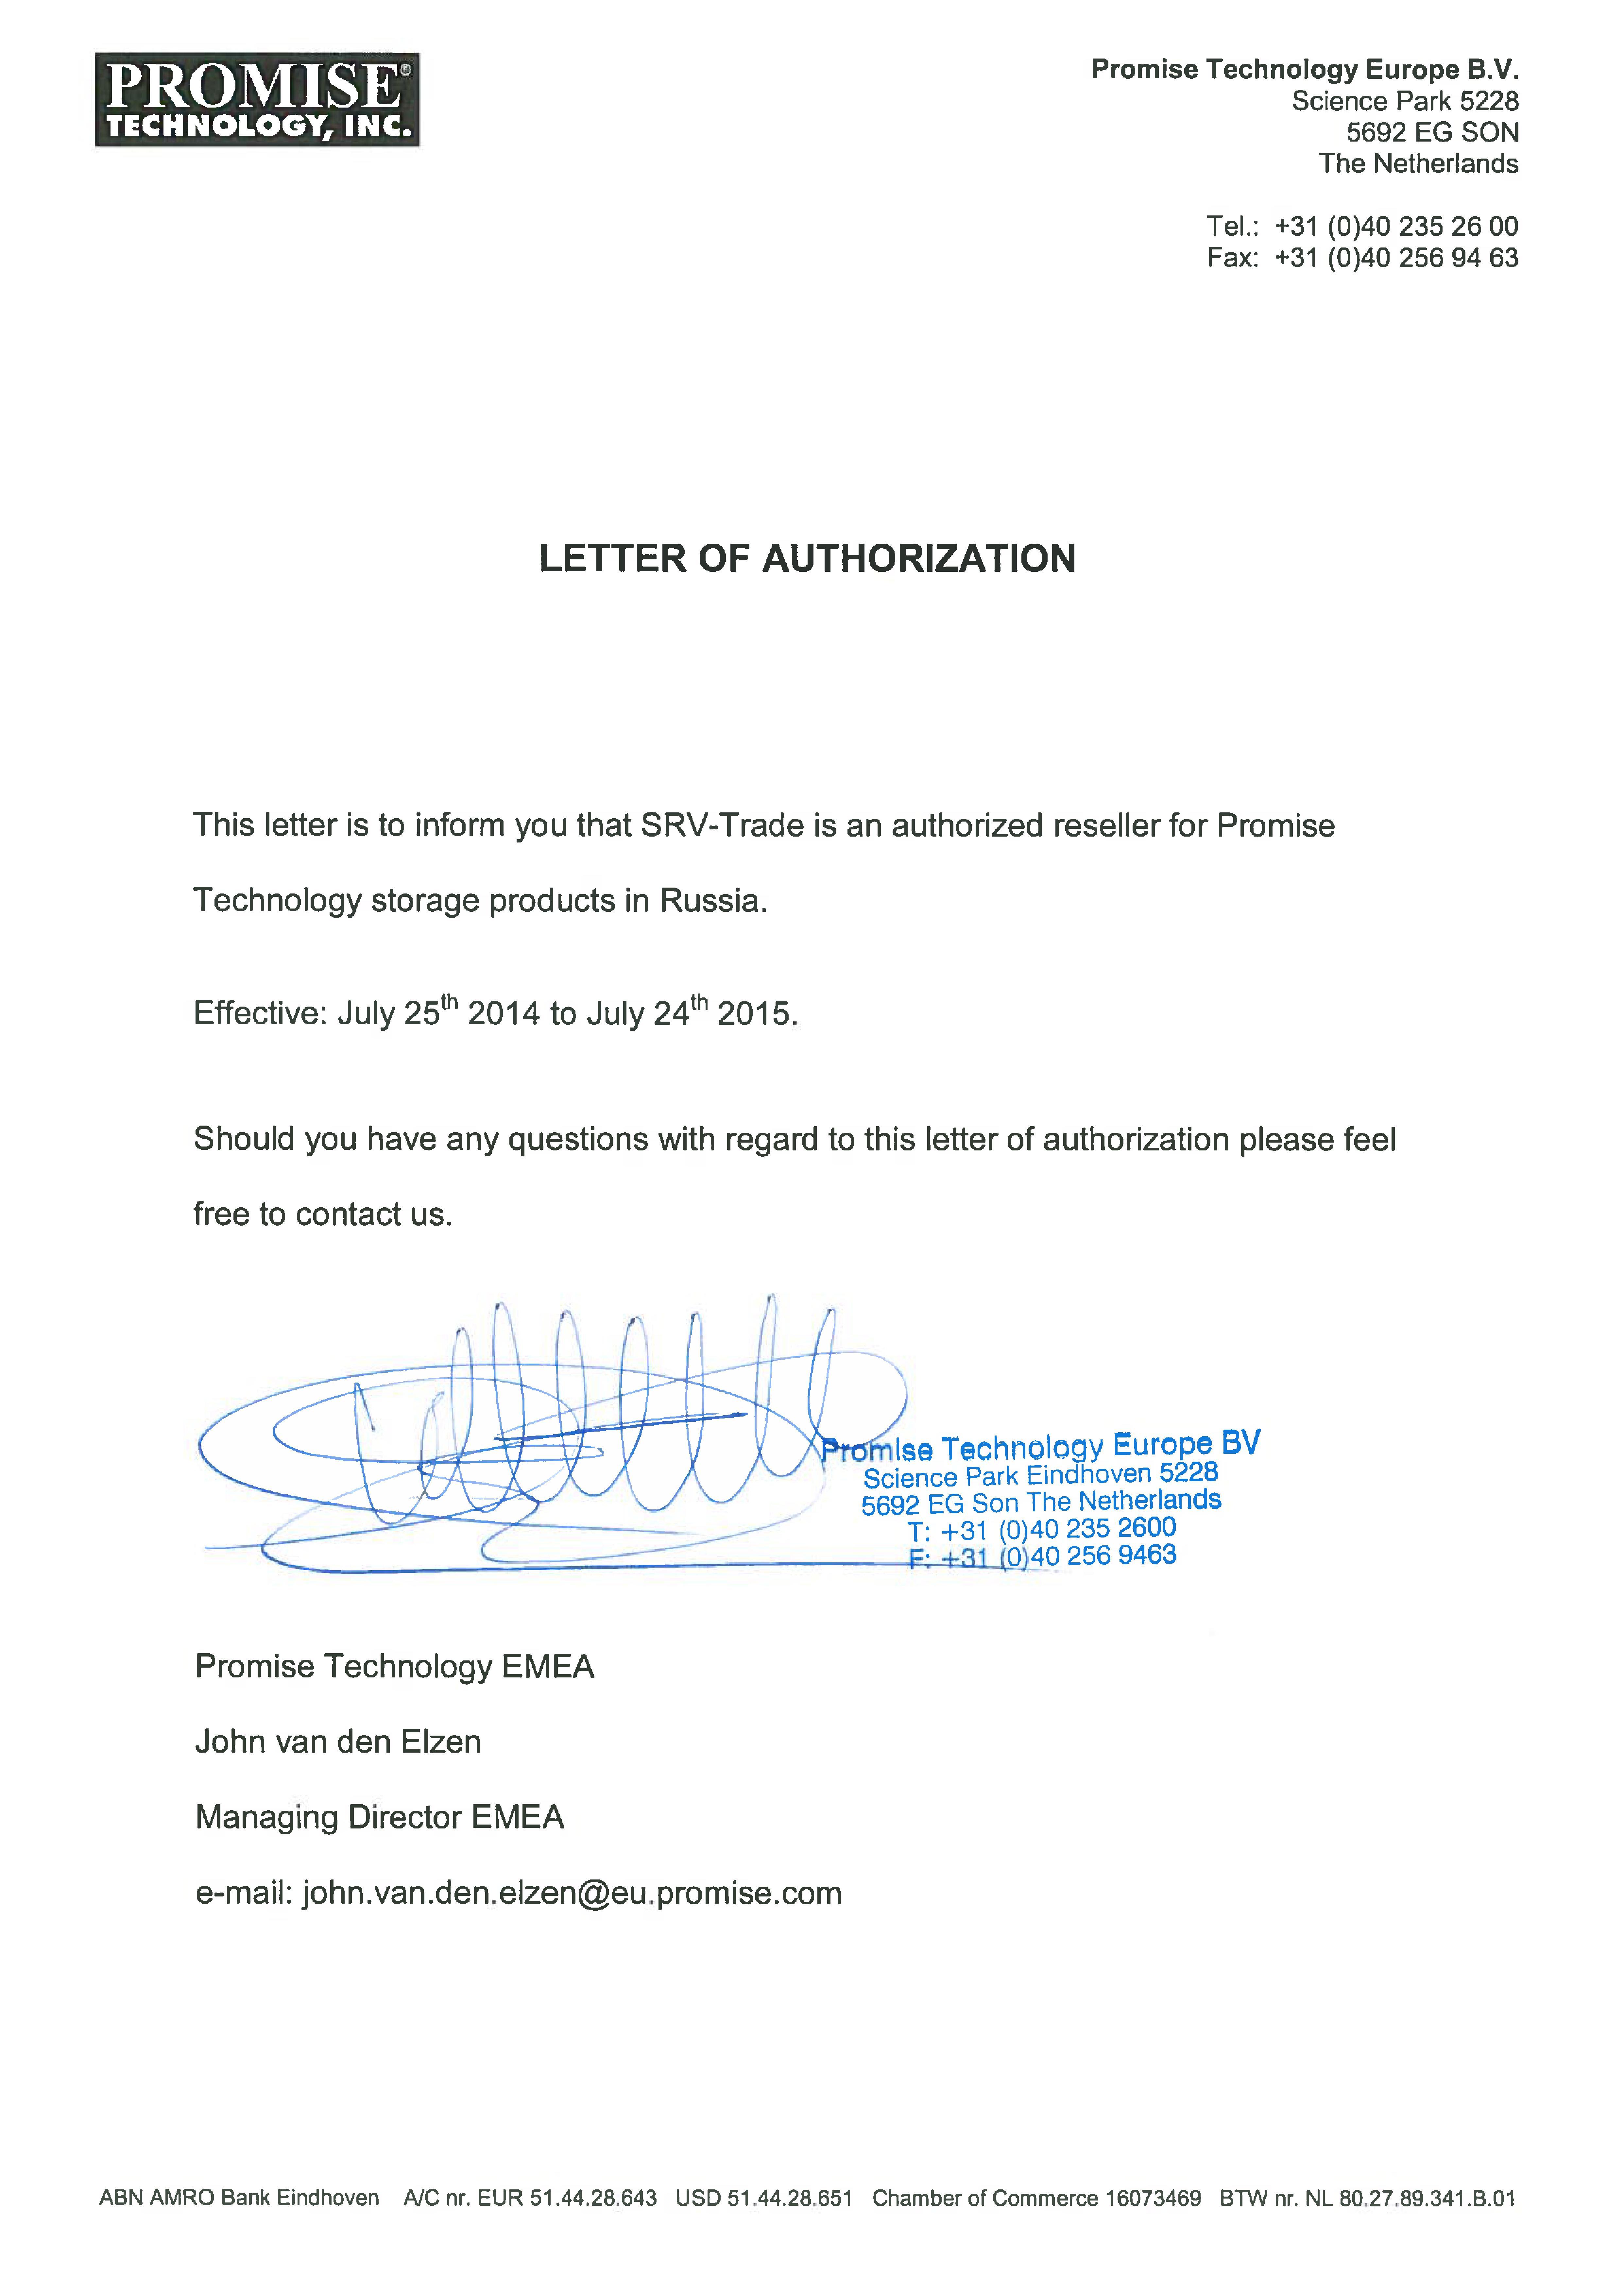 Авторизованное письмо SRV-TRADE как партнера PROMISE Technology